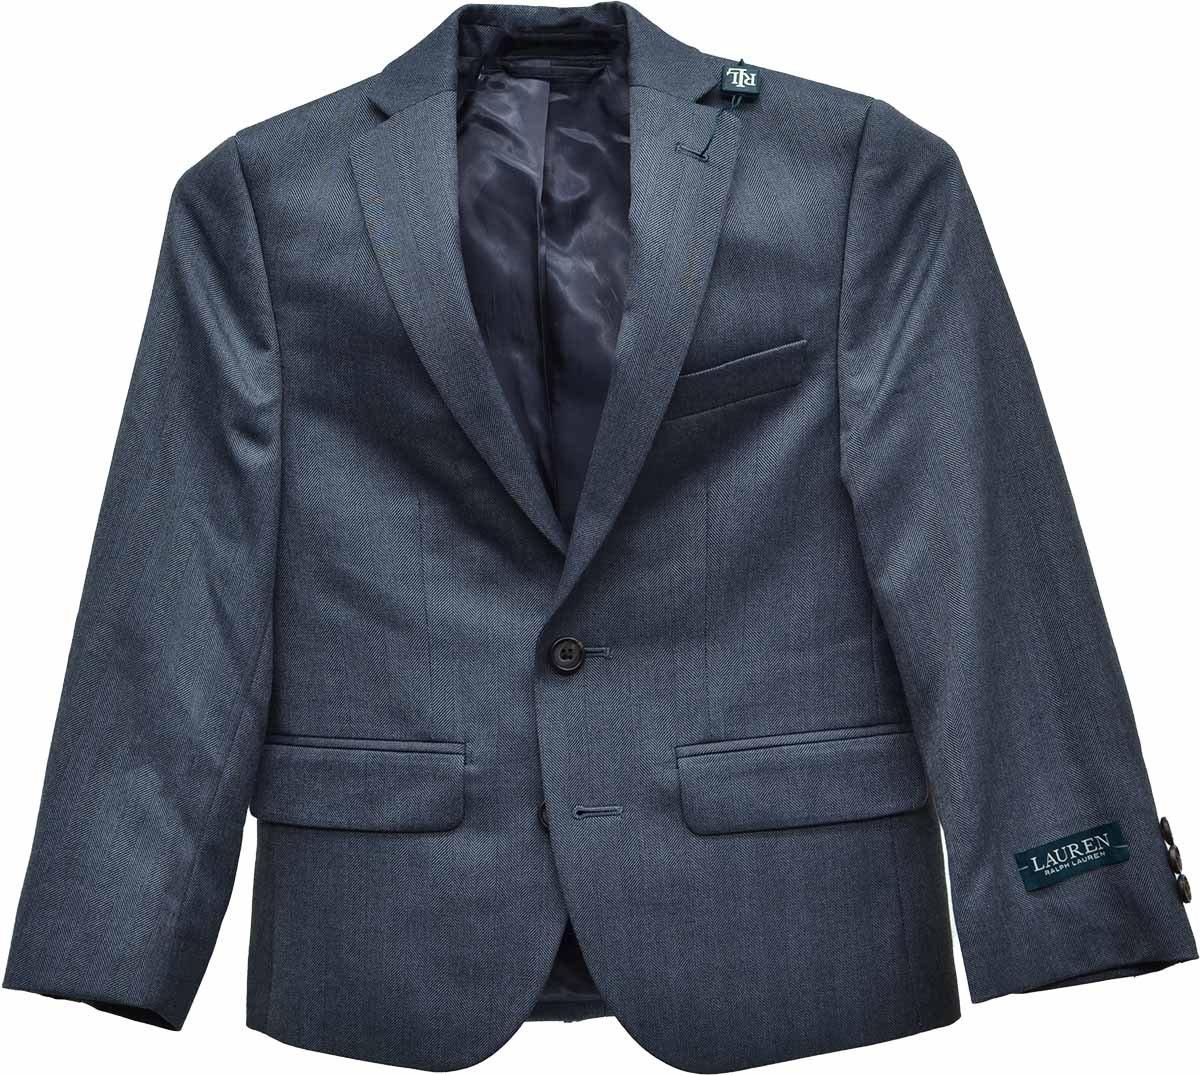 Lauren Ralph Lauren Boys' Gray Herringbone Sport Coat 8R by Lauren by Ralph Lauren